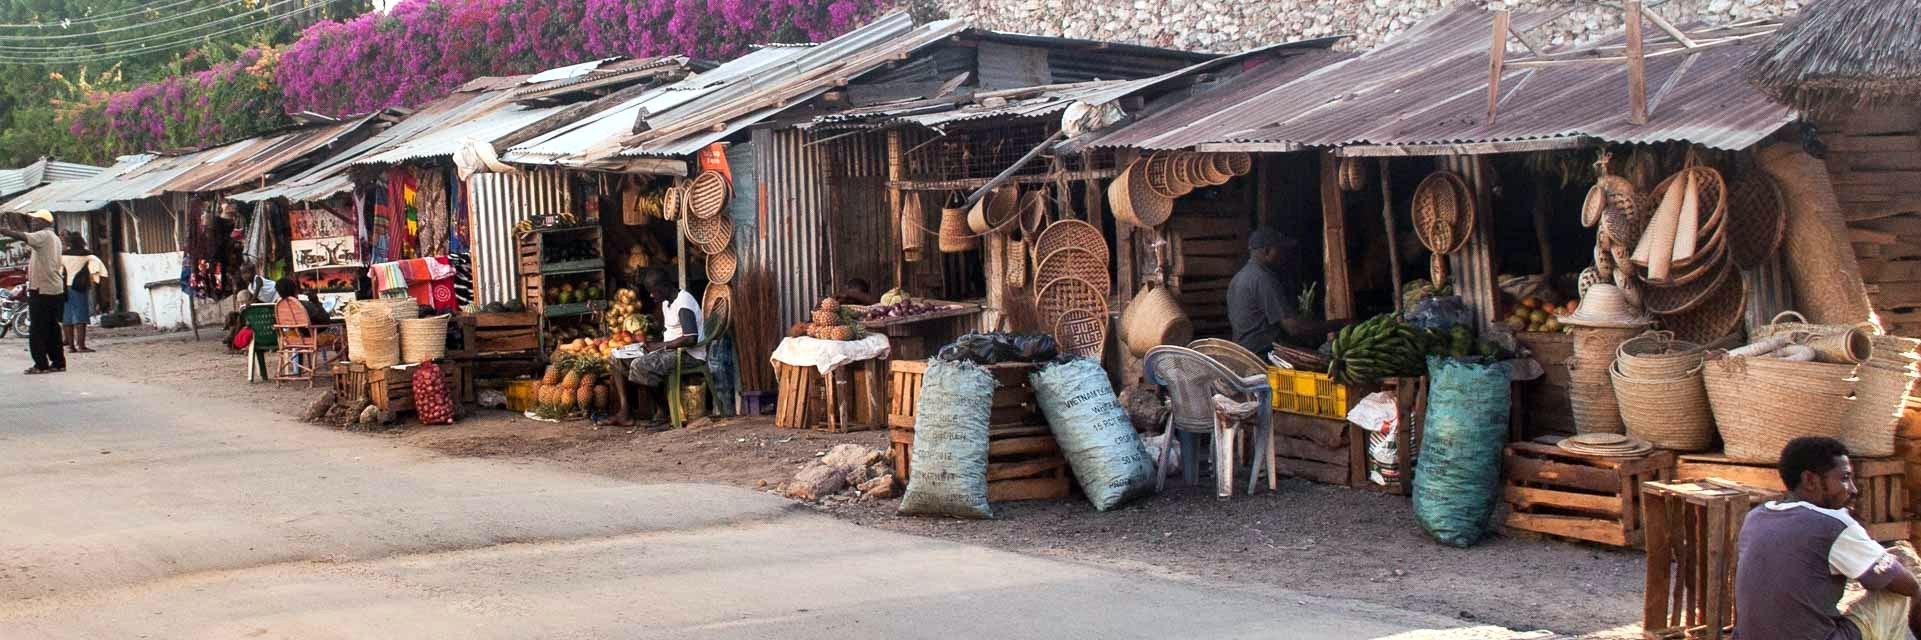 History Watamu, Kenya